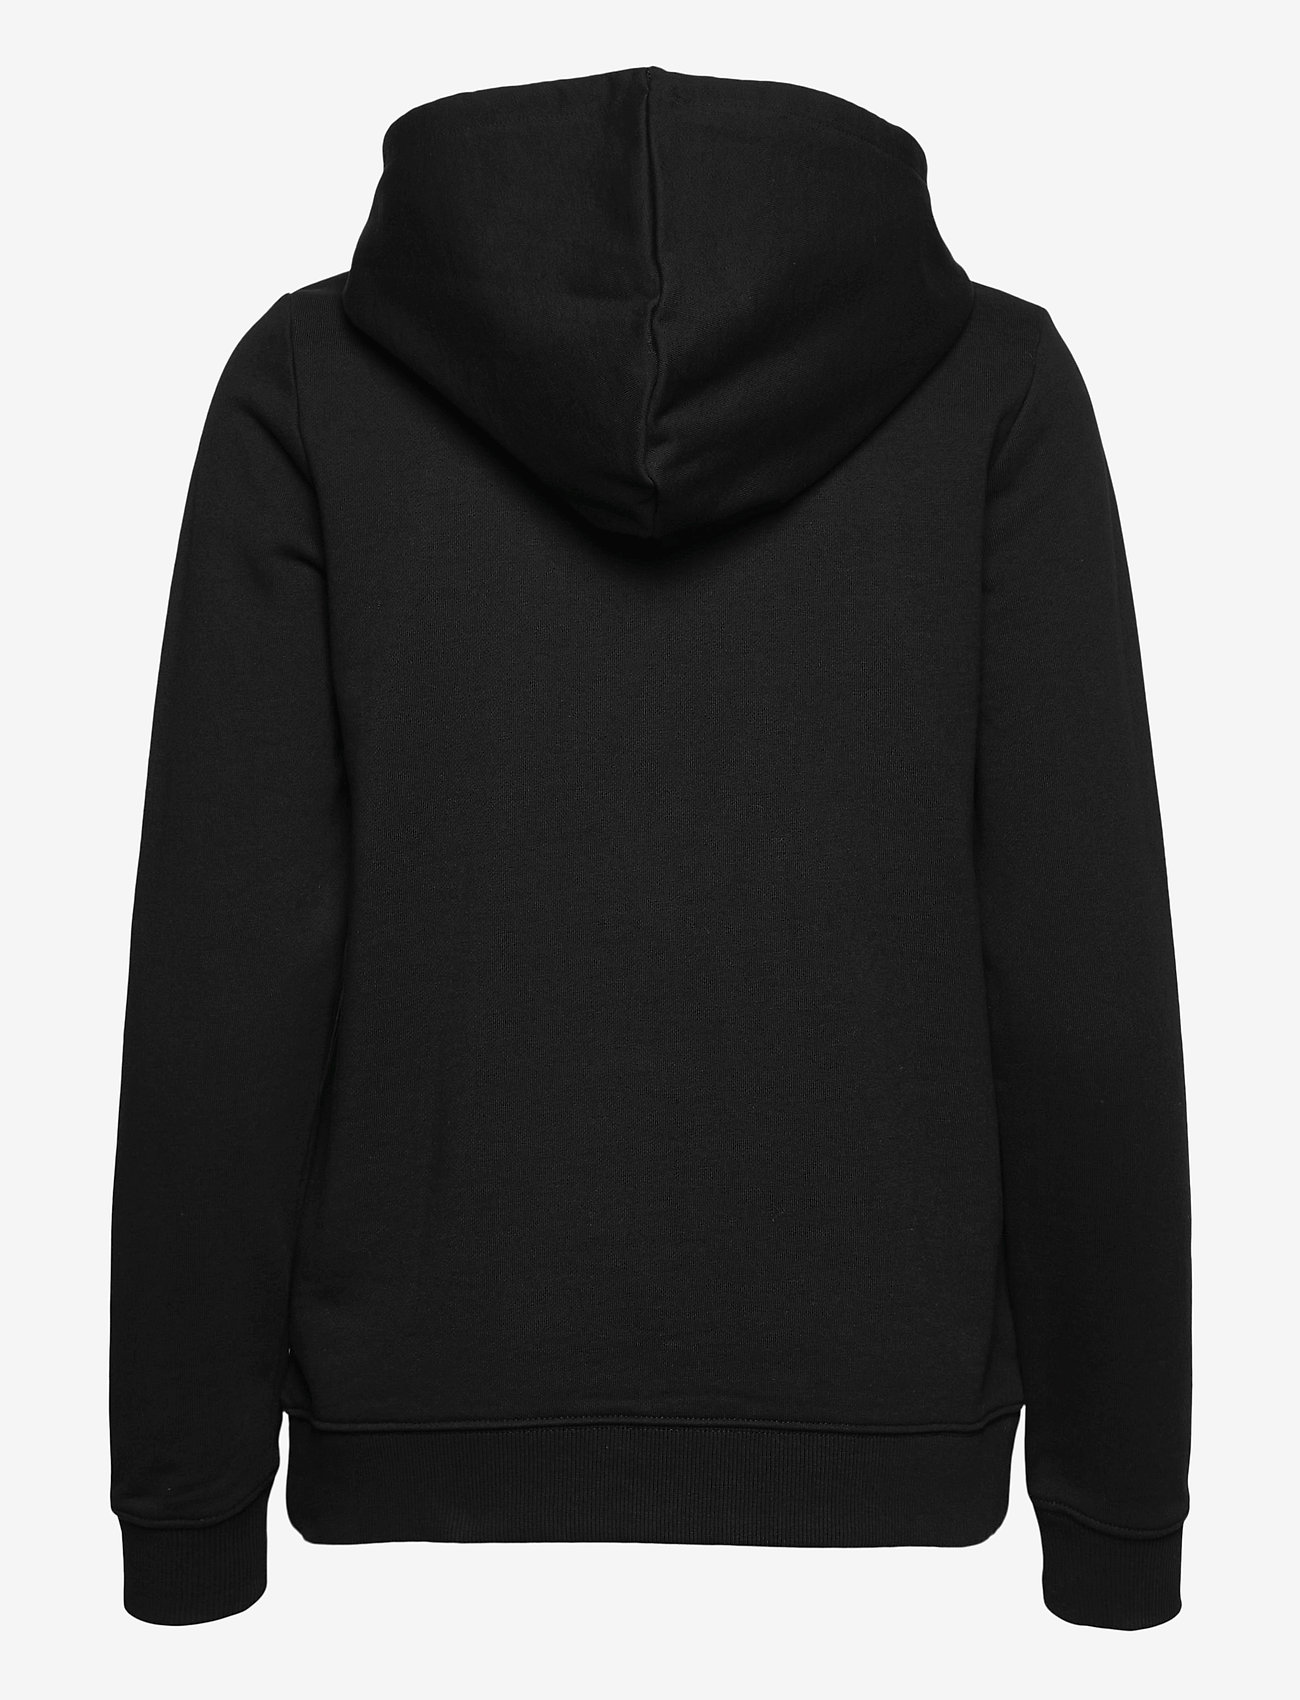 VANS - CLASSIC V ZIP HOODIE - hoodies - black - 1